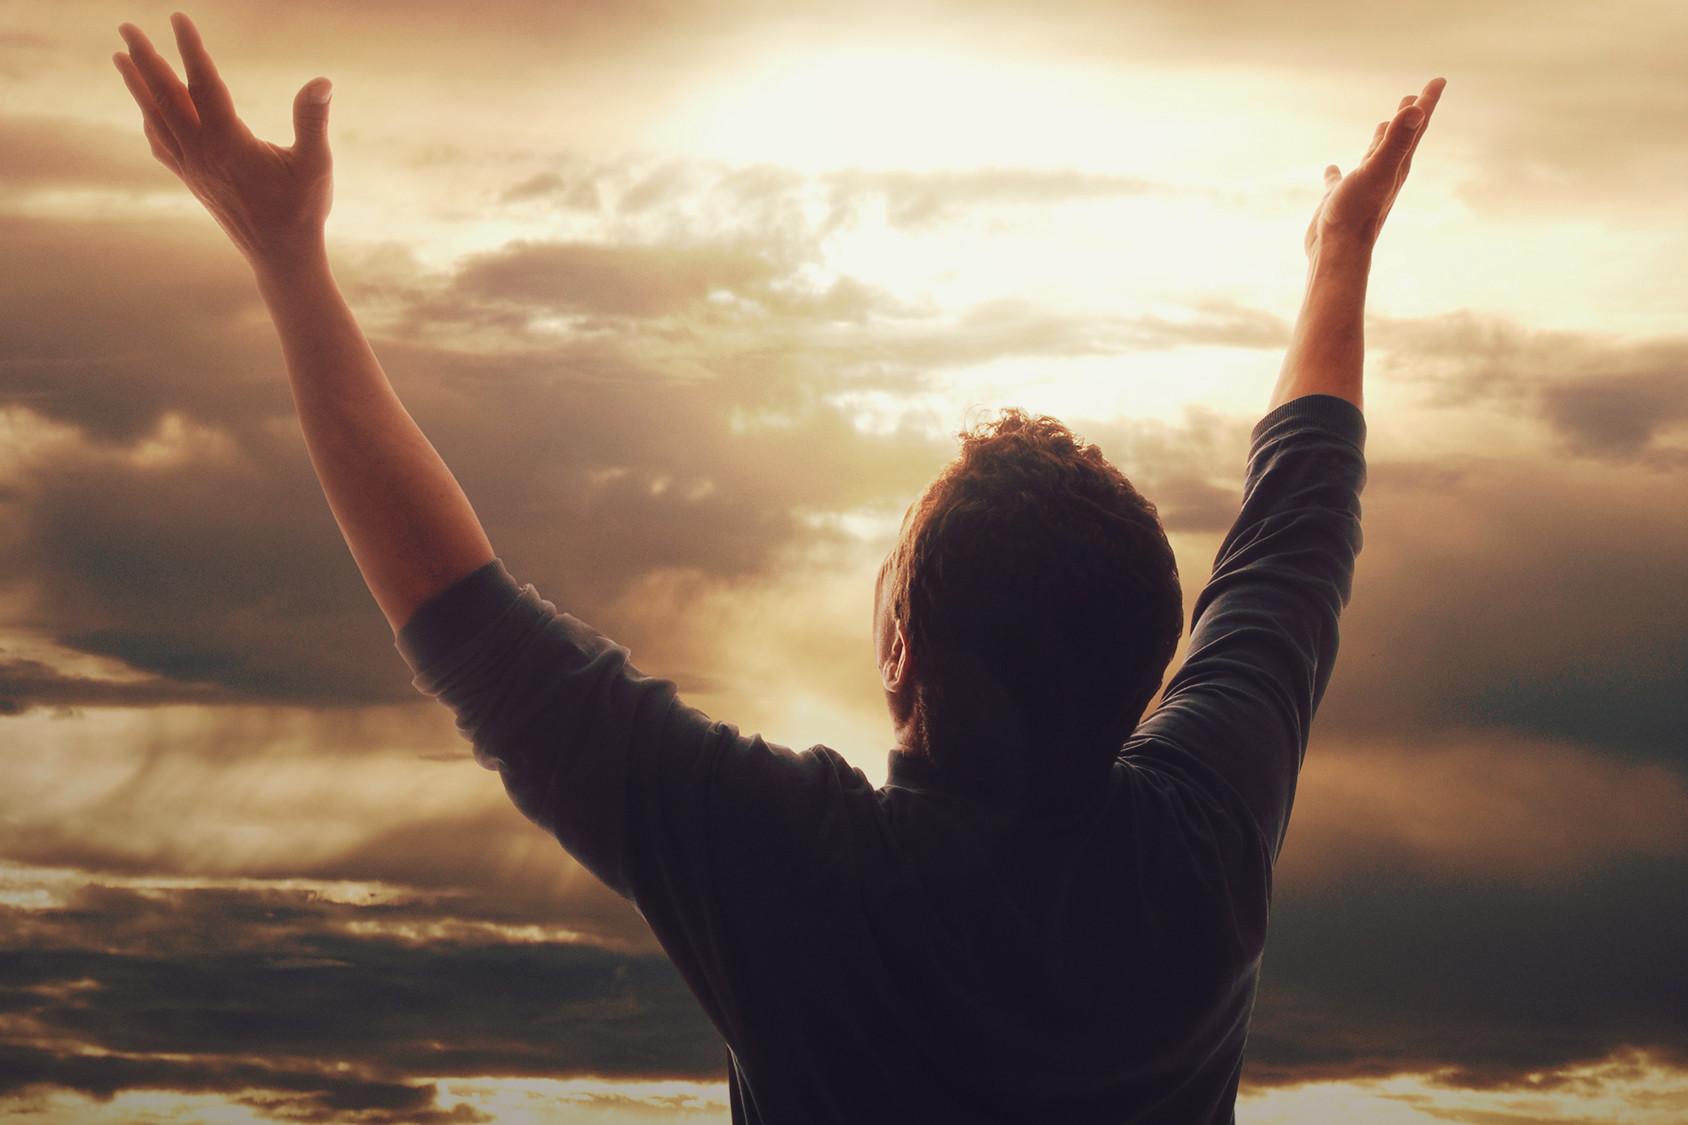 ۳۲ نکته که باید برای آن شکرگزار خداوند باشیم